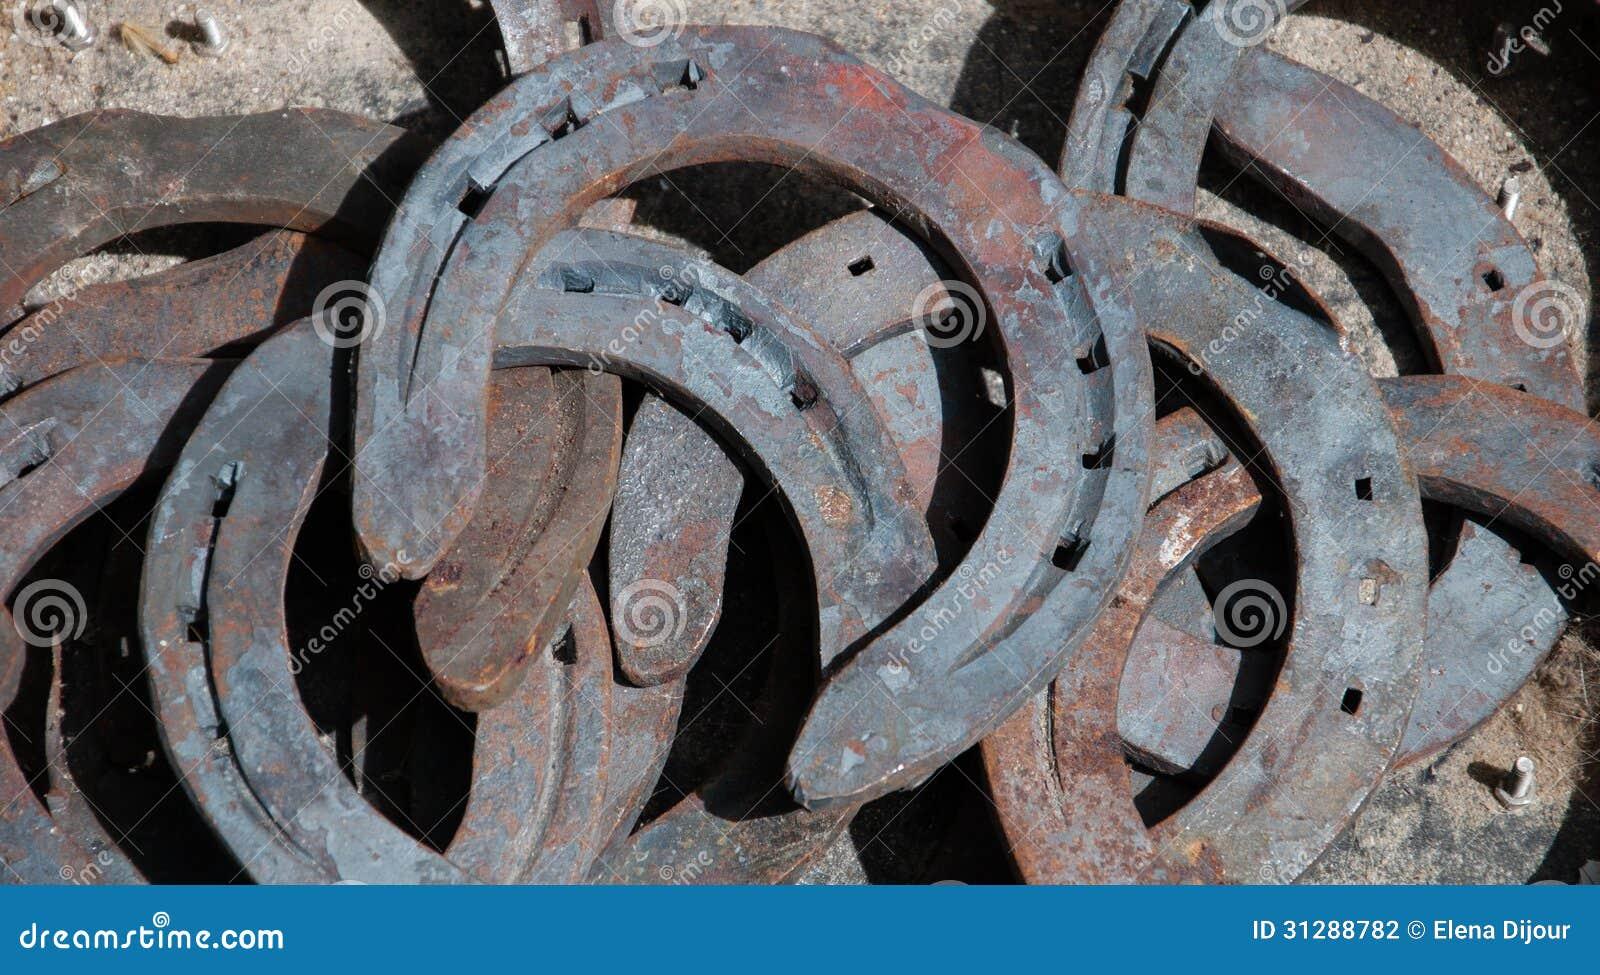 Old rusty horseshoes background stock photo image of blacksmith royalty free stock photo biocorpaavc Choice Image